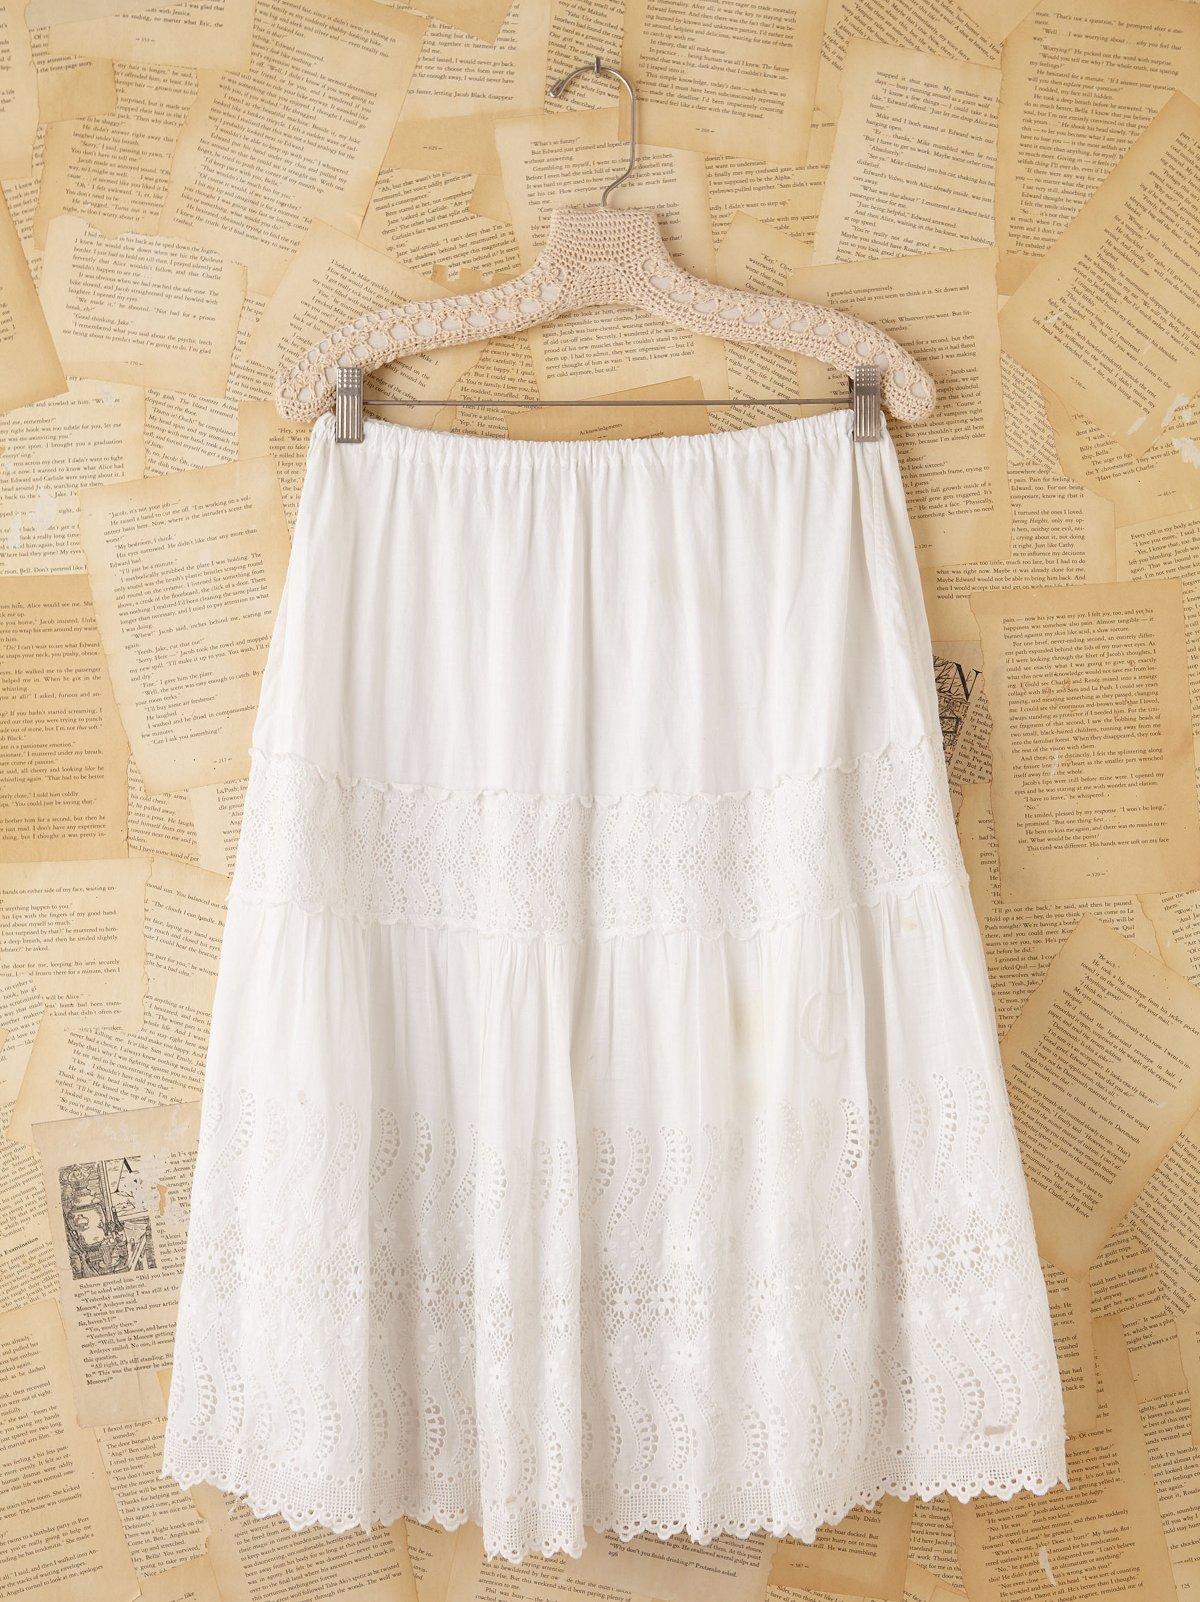 Vintage White Cotton Peasant Skirt